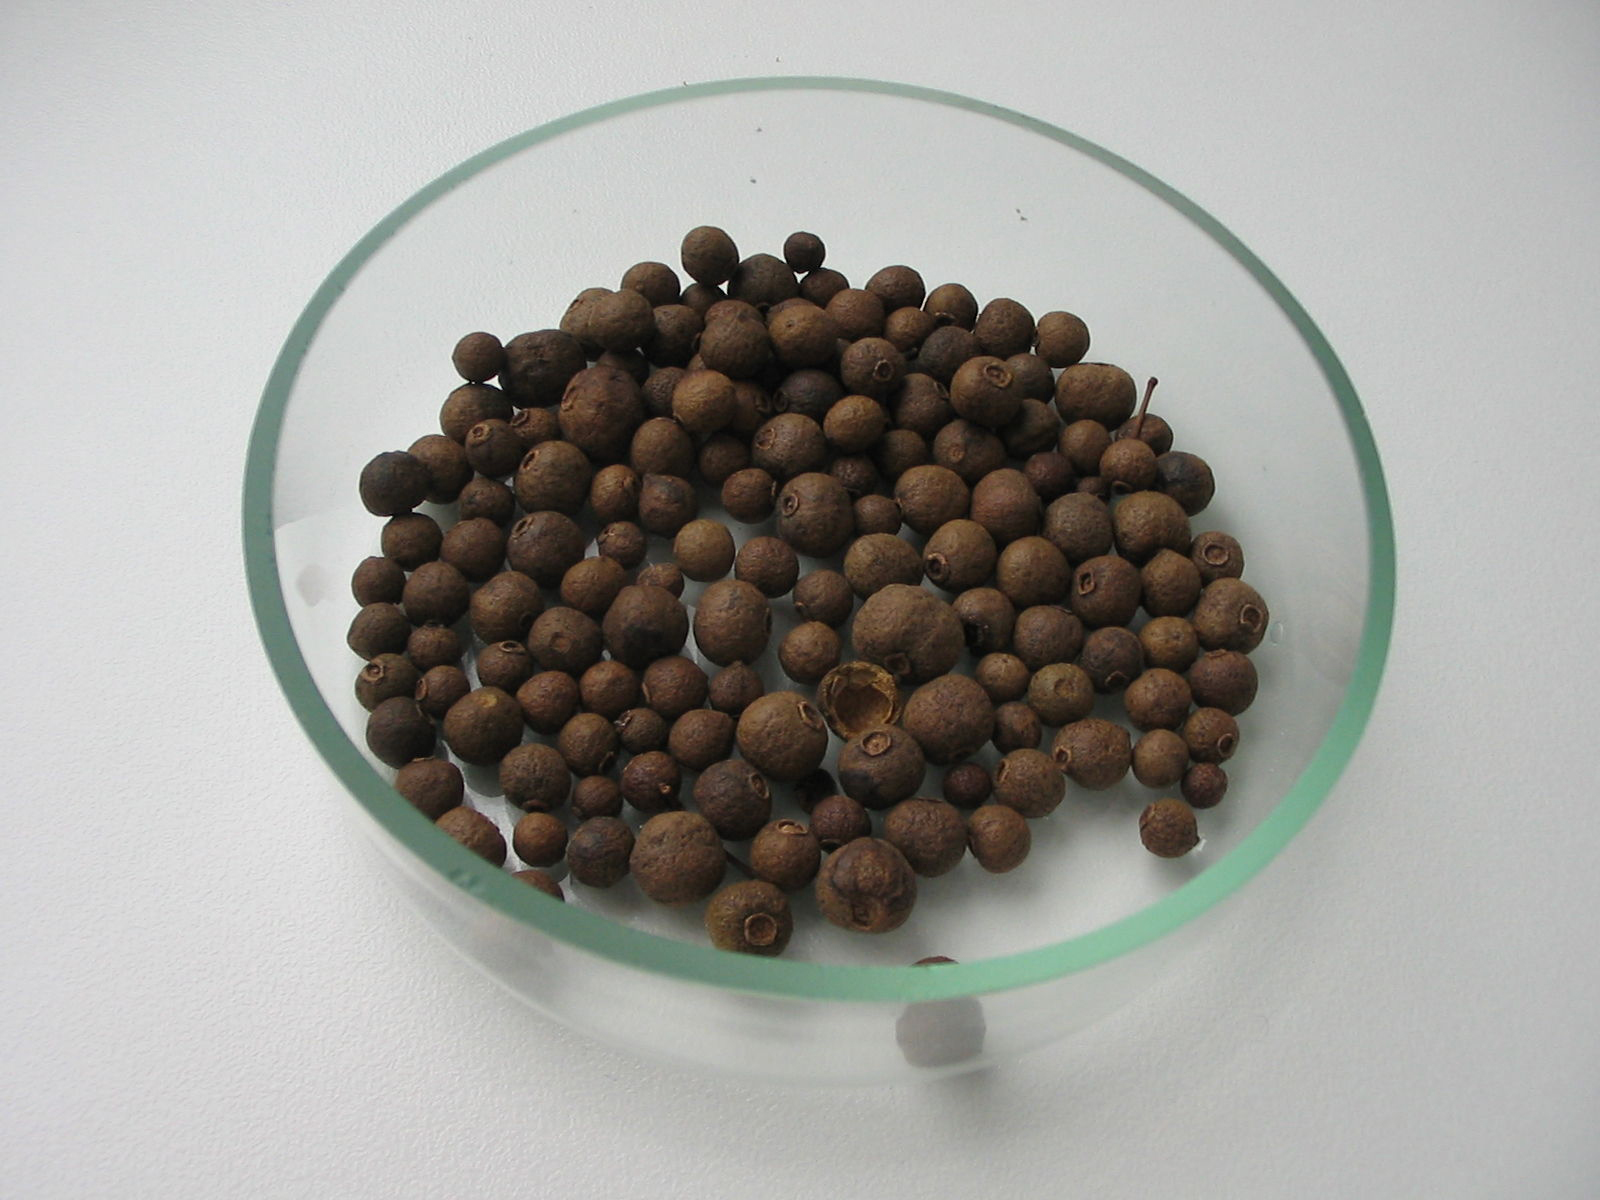 Allspice-dried